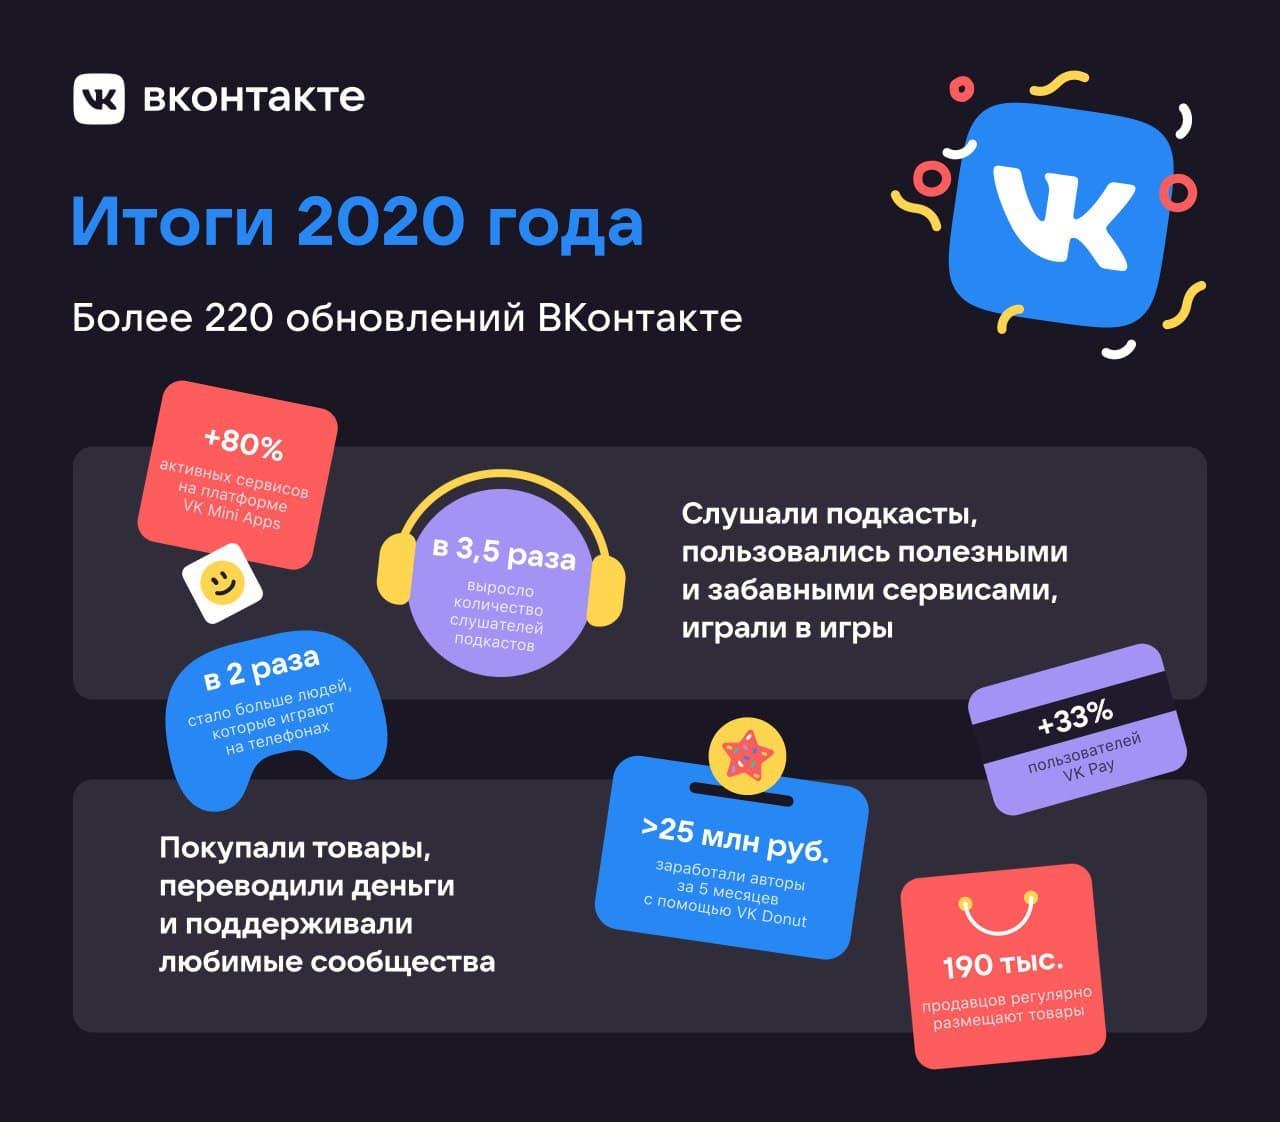 «ВКонтакте» подвел продуктовые итоги 2020 года